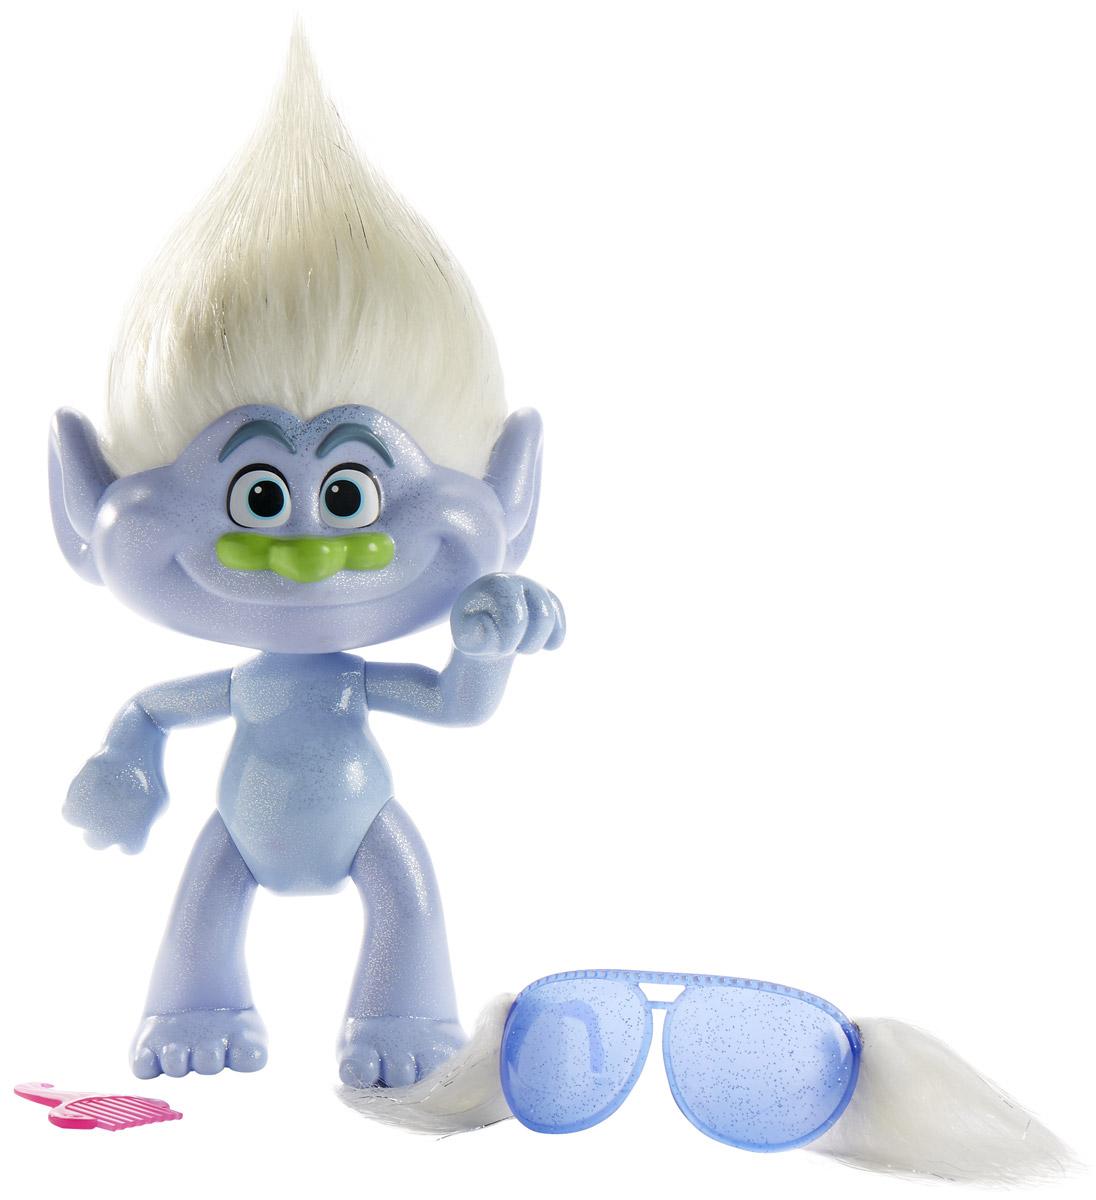 Trolls Большая фигура Тролль Guy Diamond 35 смB8999EU4Фигурка Trolls Тролль Guy Diamond исполнена по мотивам полнометражного мультфильма Trolls. Тело фигурки выполнено из голубого пластика с блестками. Обаятельный тролль имеет милую физиономию с торчащими вверх белыми волосами и зеленым носом. В комплекте с фигуркой входят: расческа, чтобы причесывать своего нового друга и стильные очки. Глаза фигурки тщательно прорисованы. Очаровательная фигурка имеет подвижные части тела и подробно детализирована. Забавная игрушка поднимет настроение и поможет придумать массу интересных сюжетов для занимательной игры, развивая фантазию и воображение ребенка.